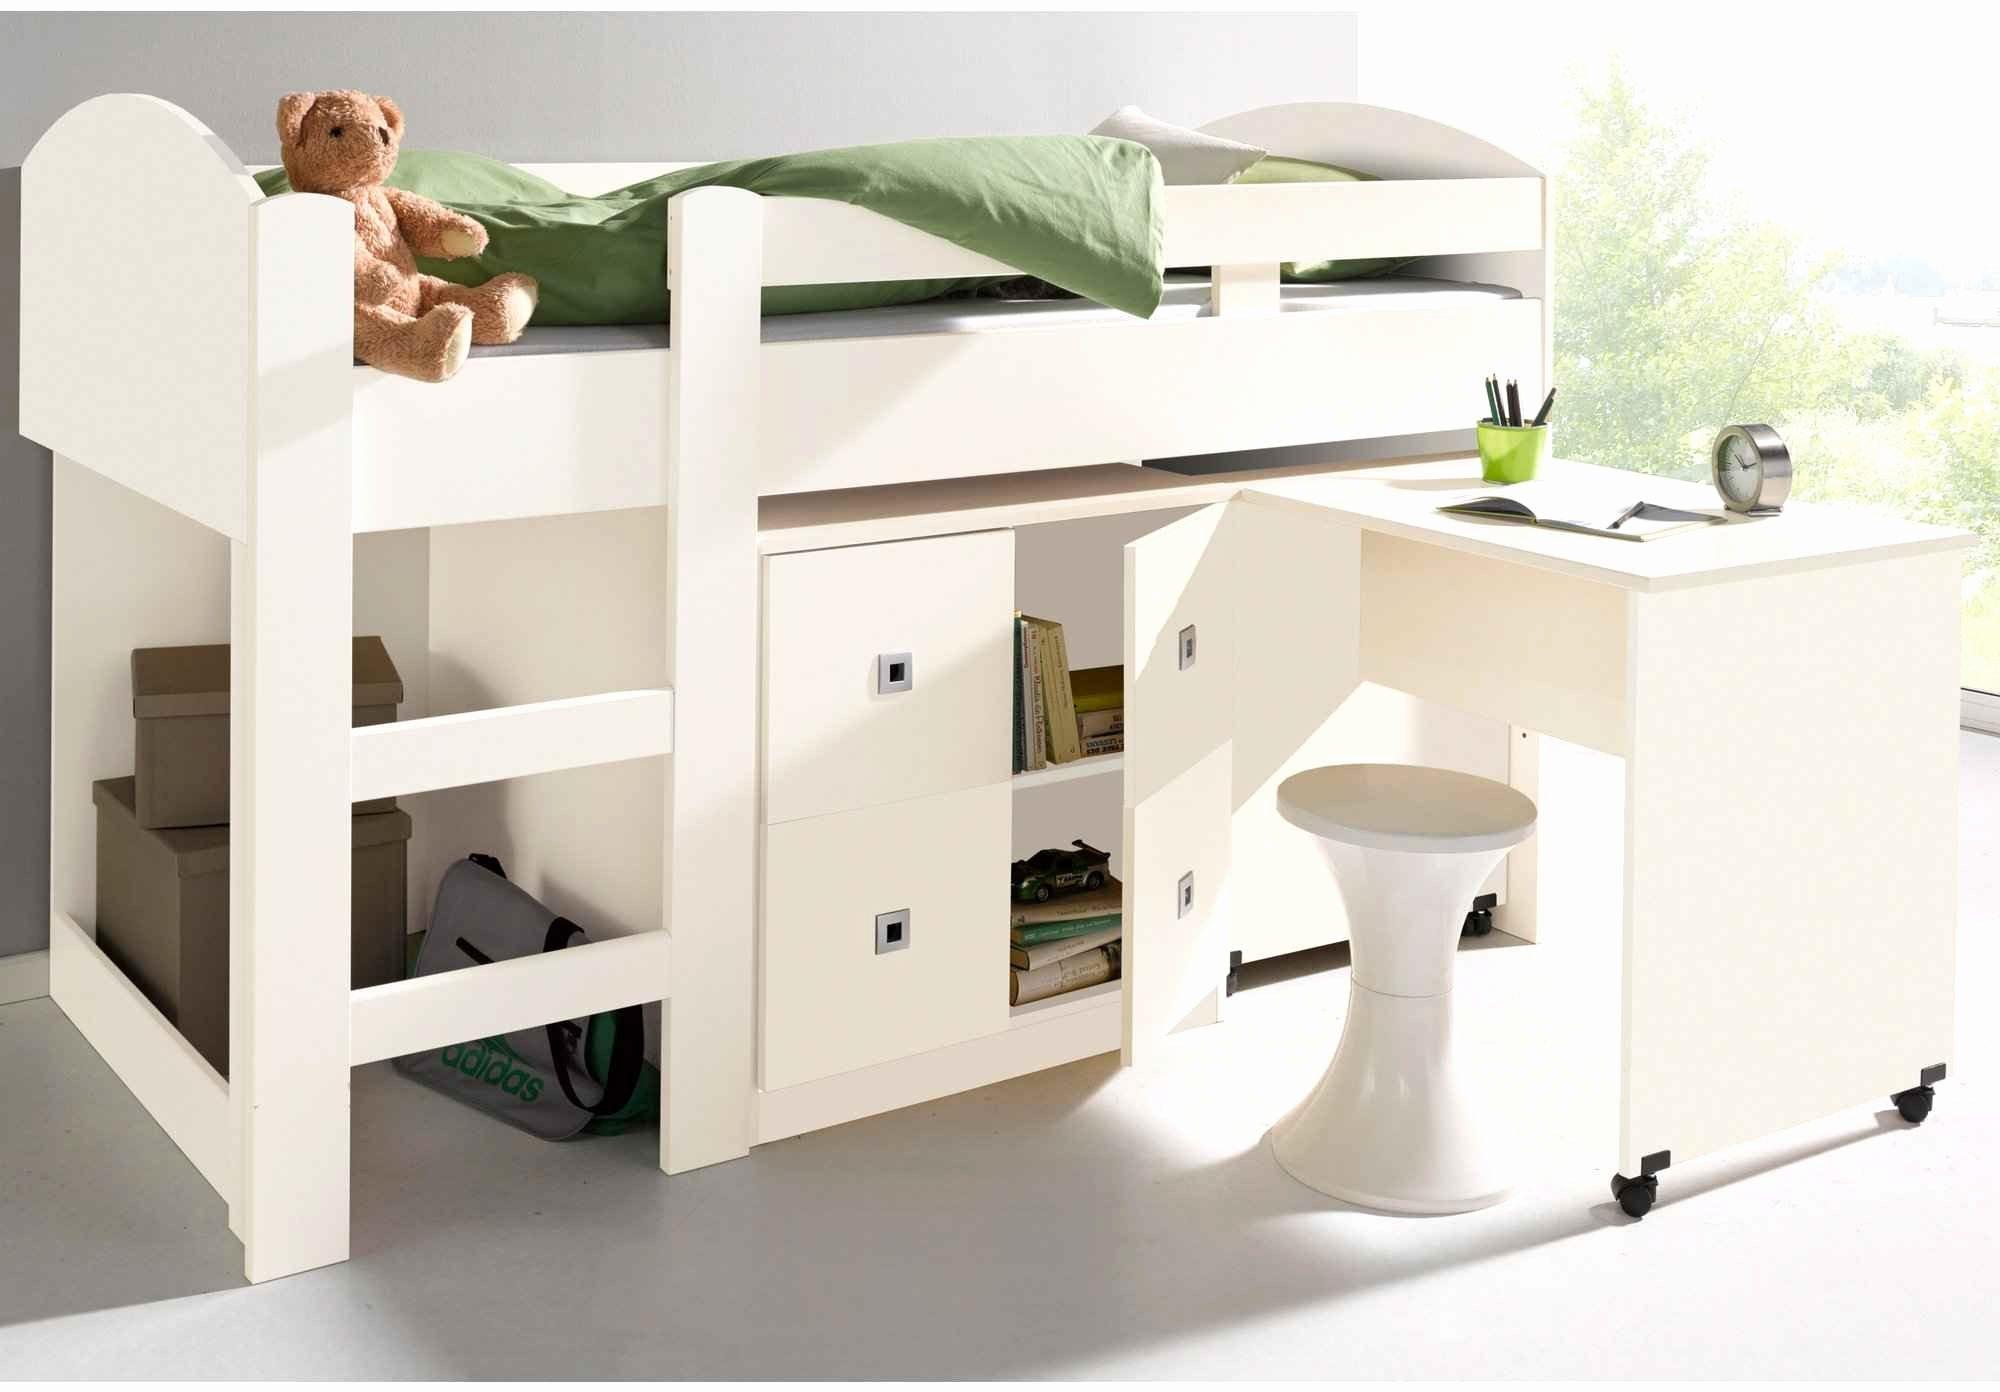 Lit Superposé Avec Bureau Intégré Luxe Lit Superposé Adulte Luxe Cuisine Pour Bébé Lovely Lit Ikea Bebe 12